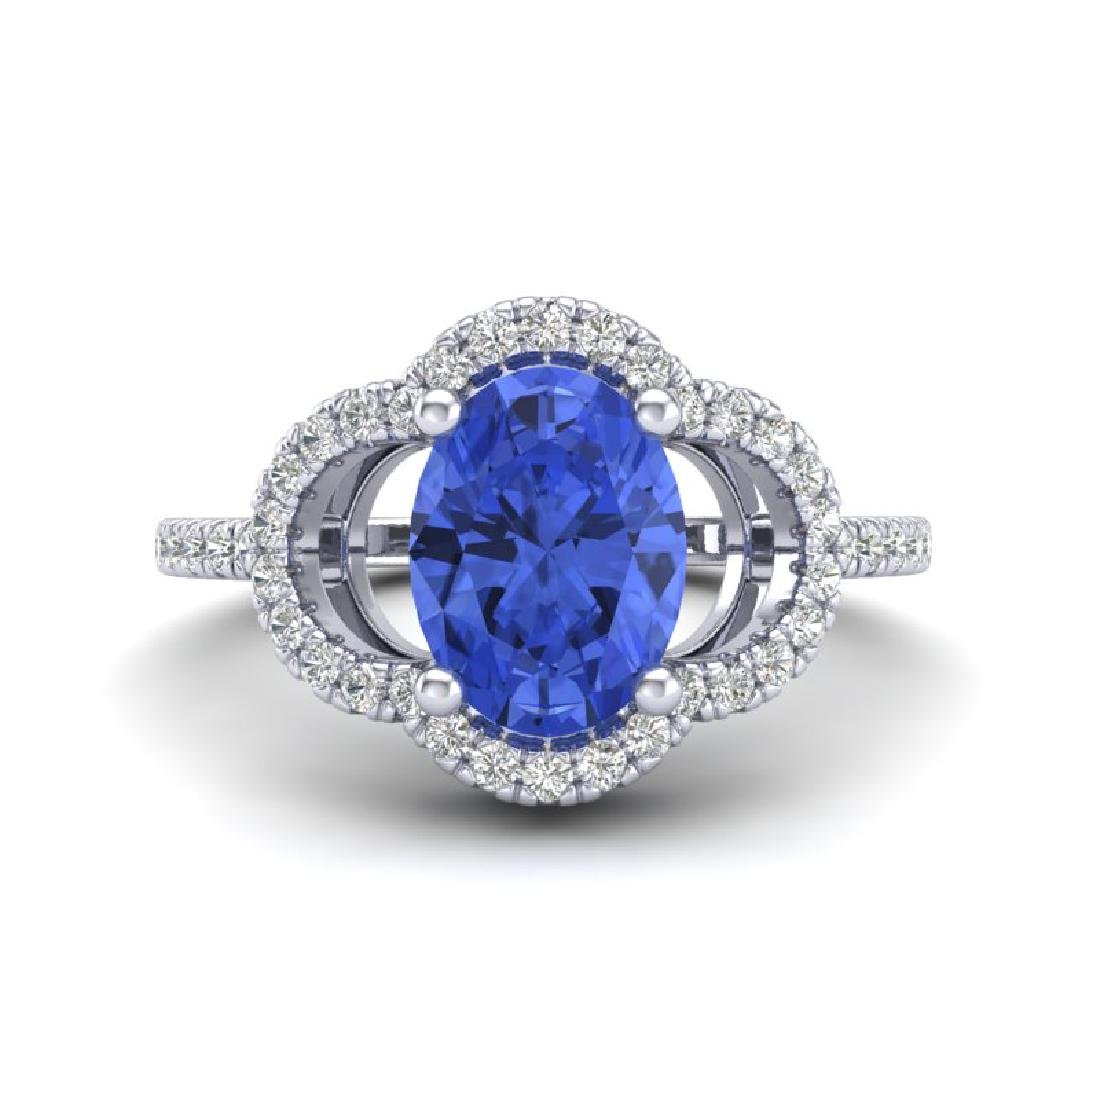 1.75 CTW Tanzanite & Micro Pave VS/SI Diamond Ring 10K